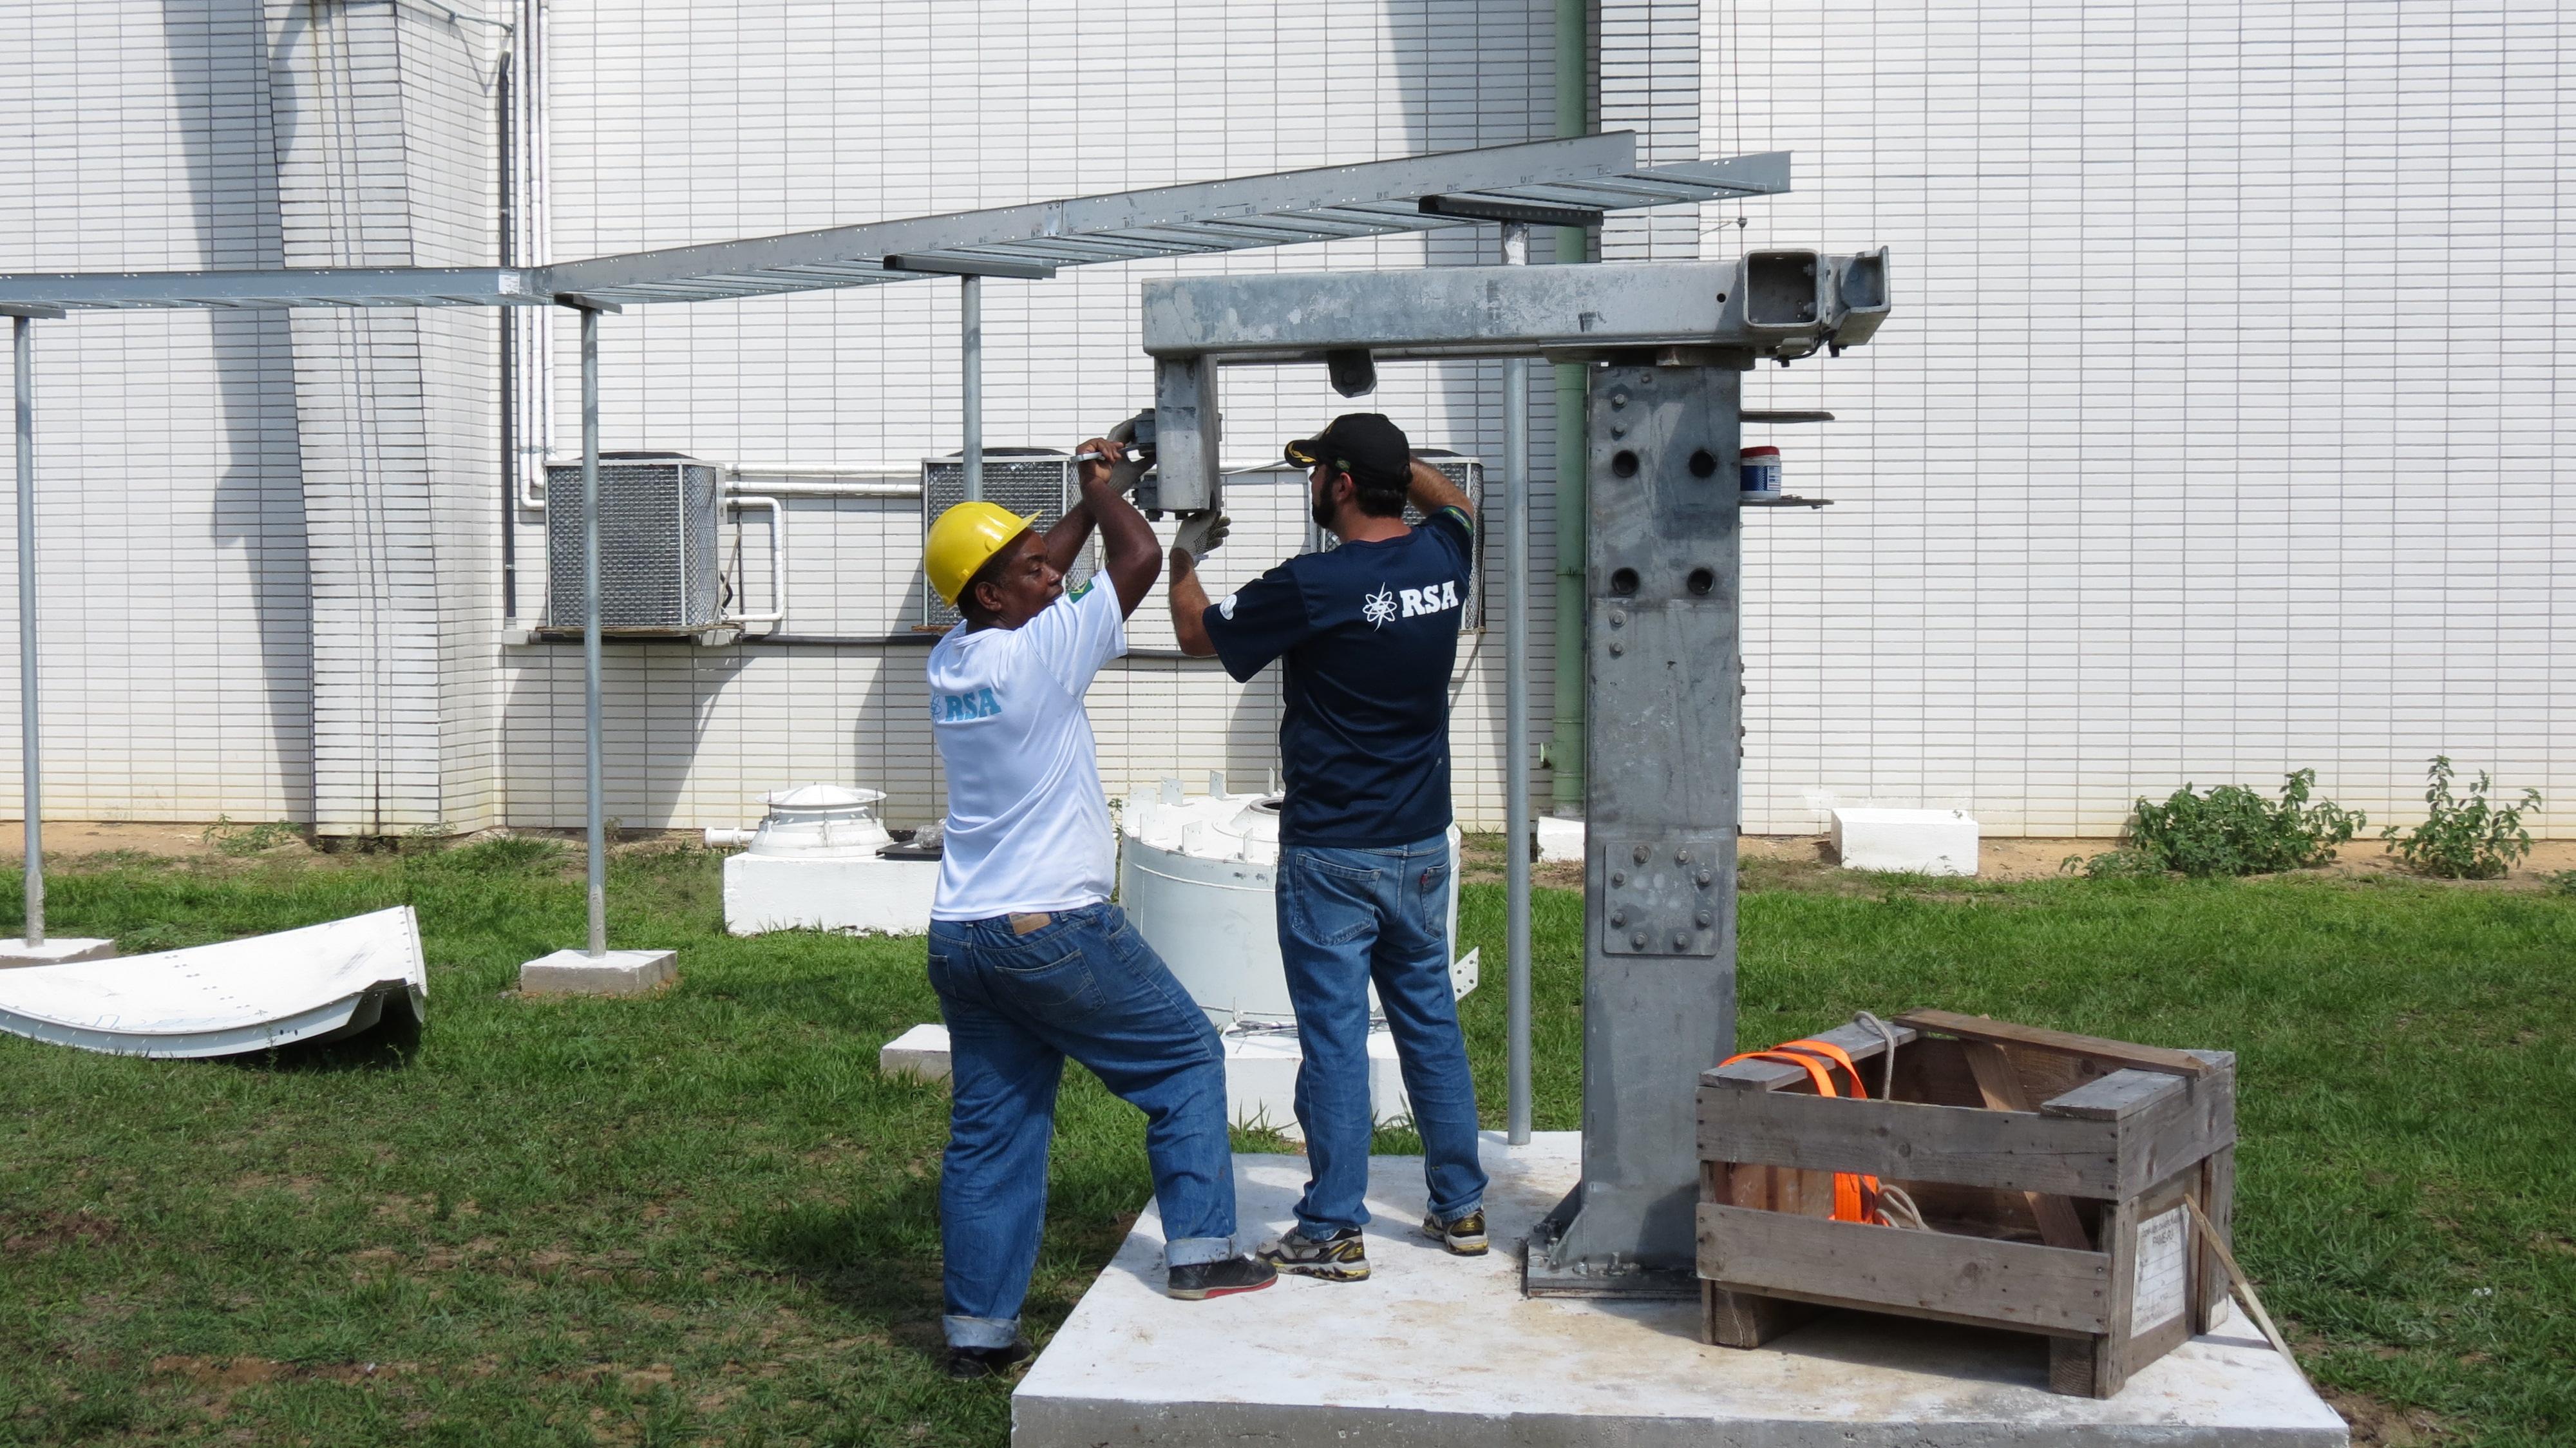 Rede de comunicação interliga equipamentos e sistemas usados no controle do tráfego aéreo brasileiro